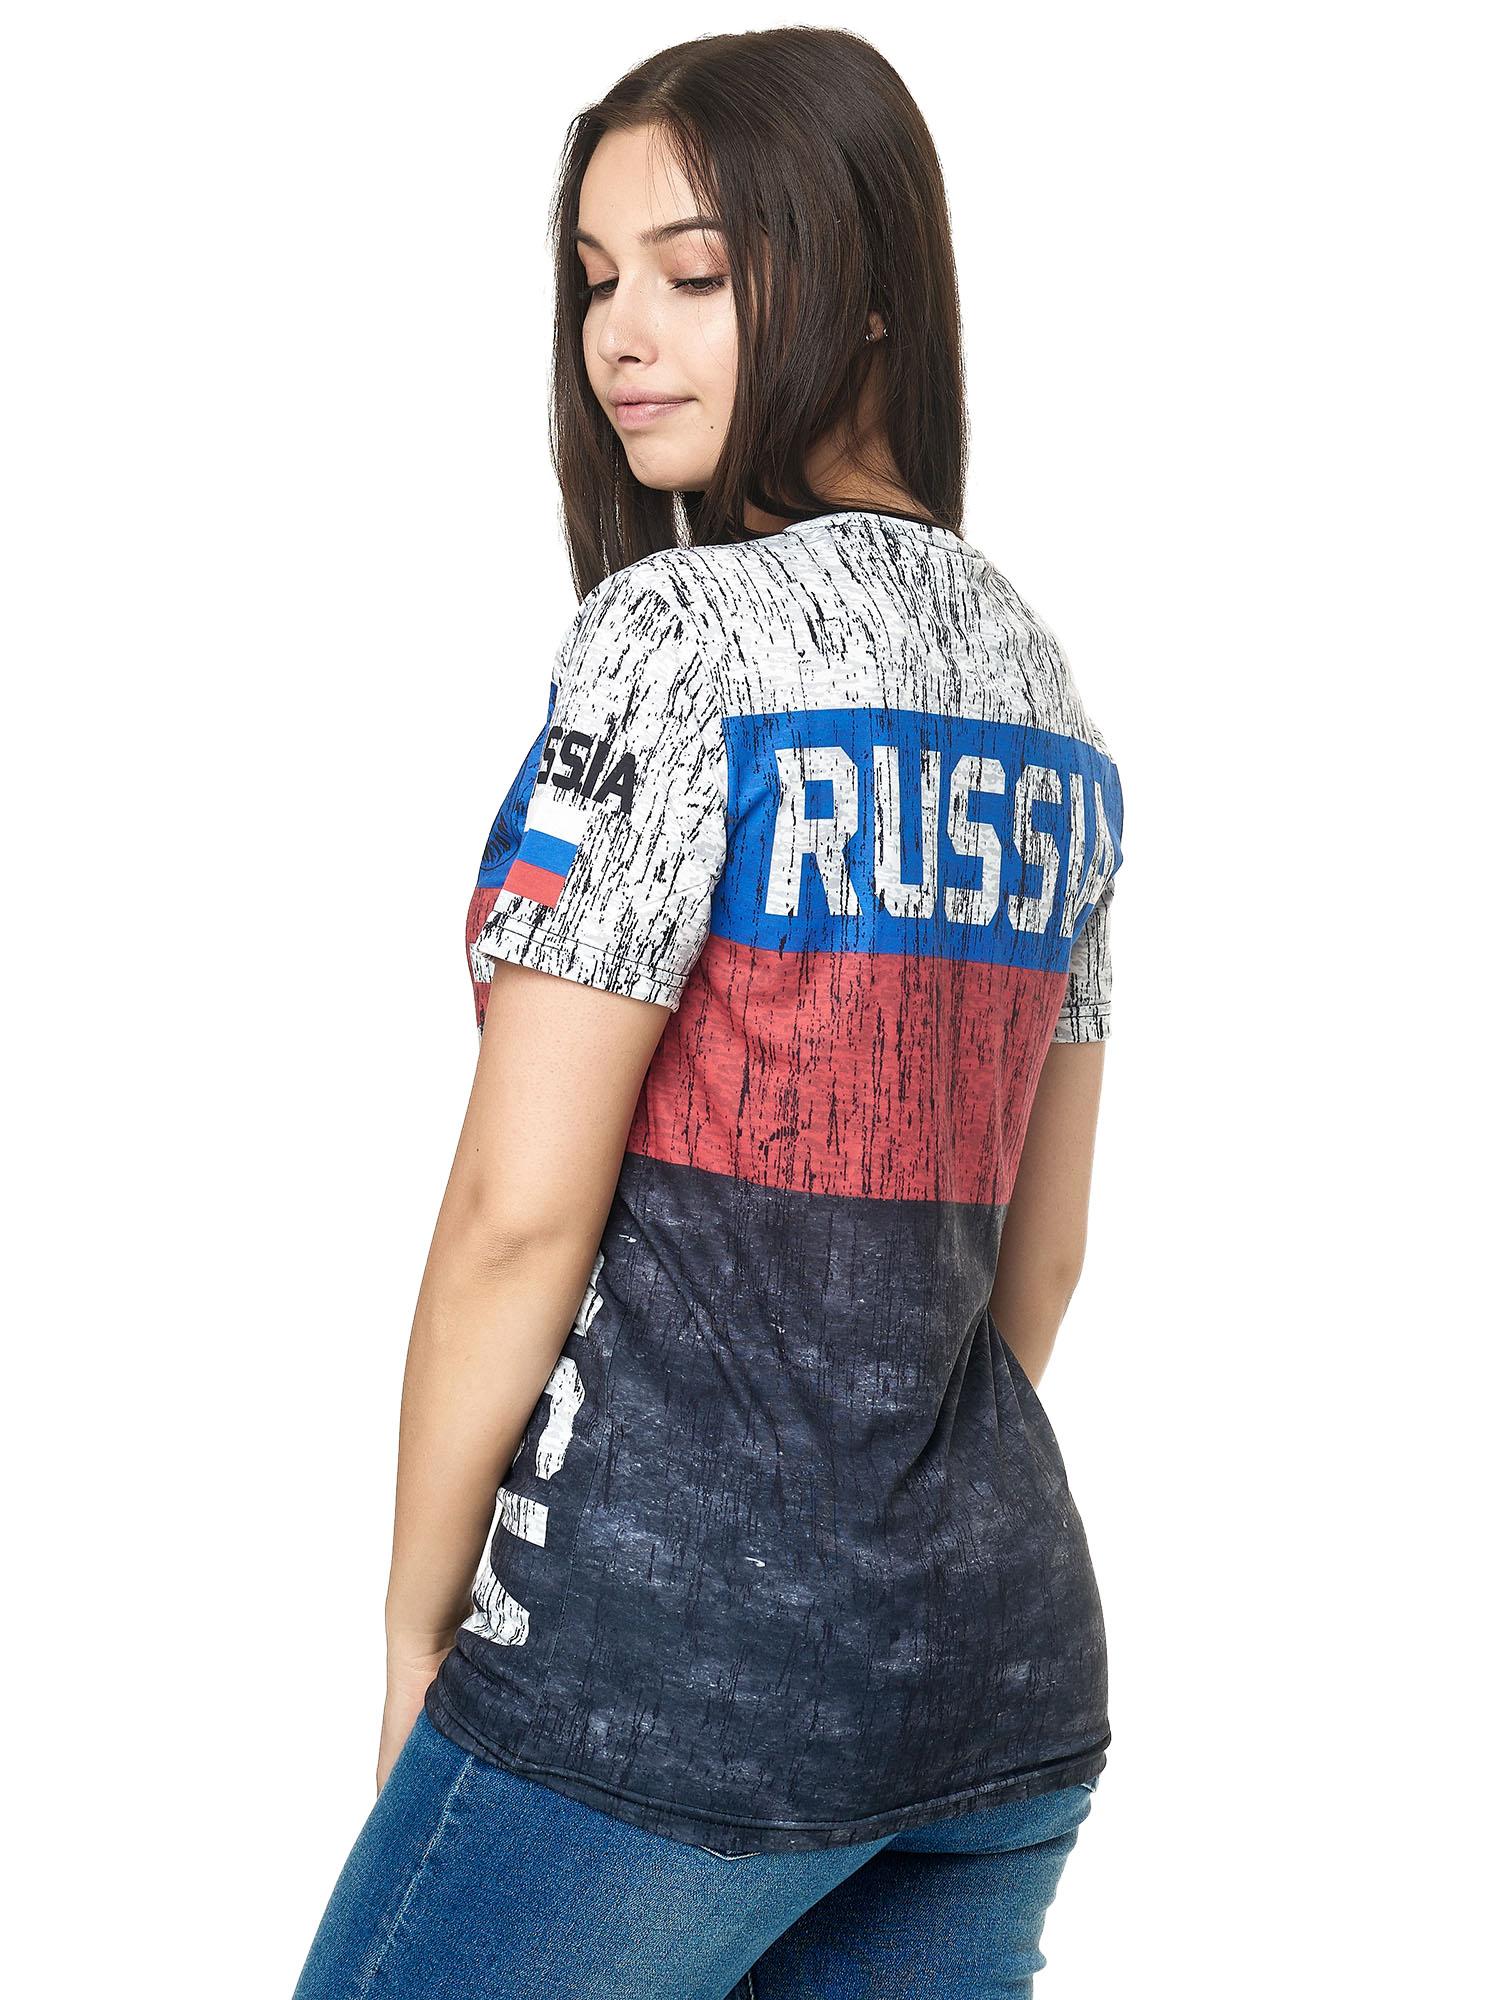 Paesi-da-Donna-T-shirt-A-Maniche-Corte-Girocollo-donne-CALCIO-Fanshirt-John-Kayna miniatura 99